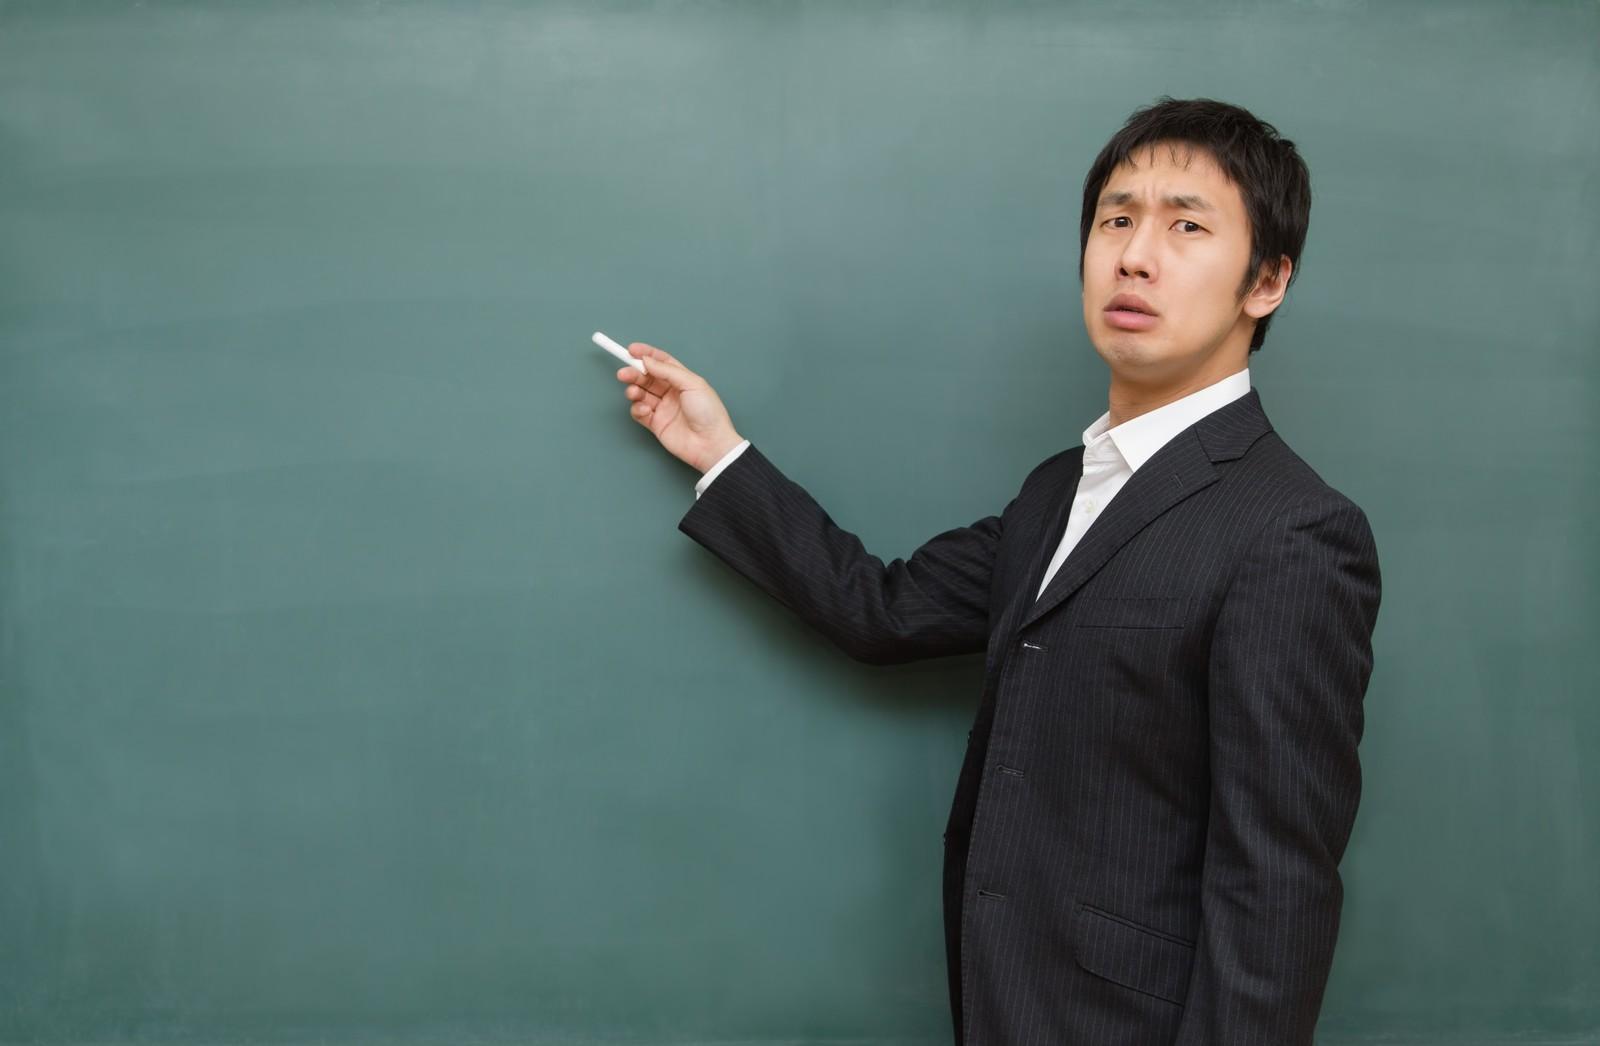 黒板の前に立つ男性